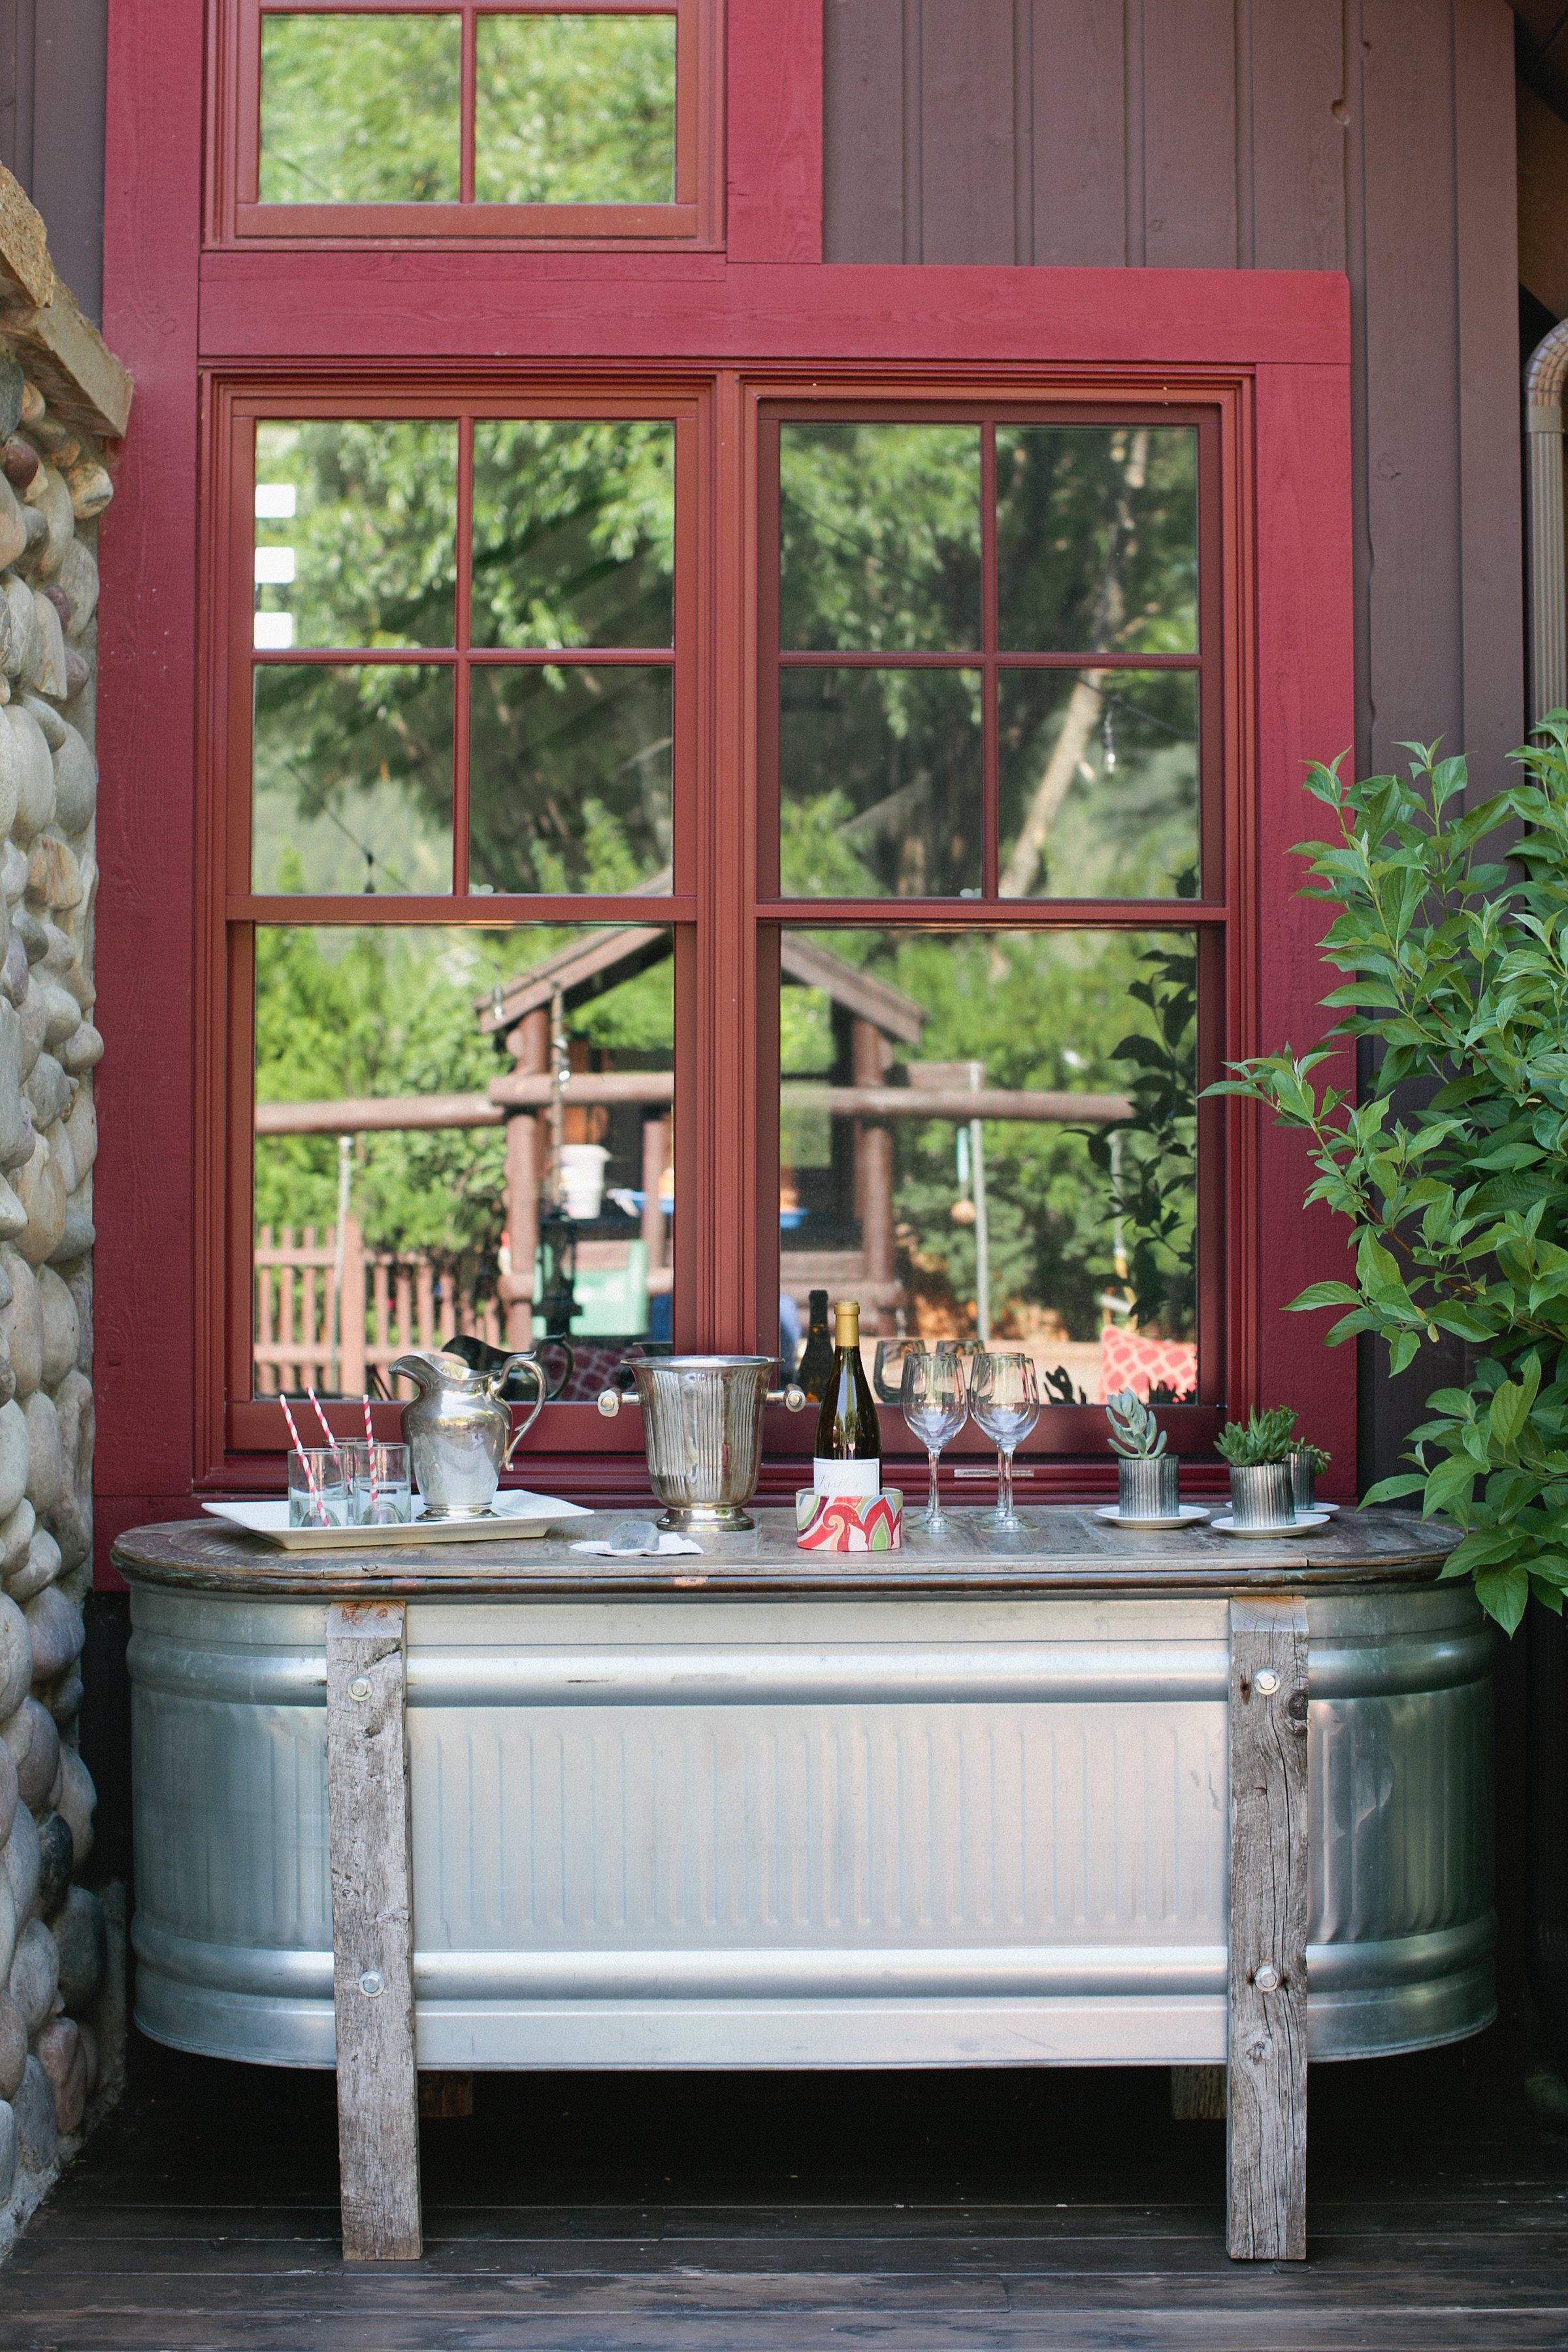 ThatGirlKatie-porch-3.jpg